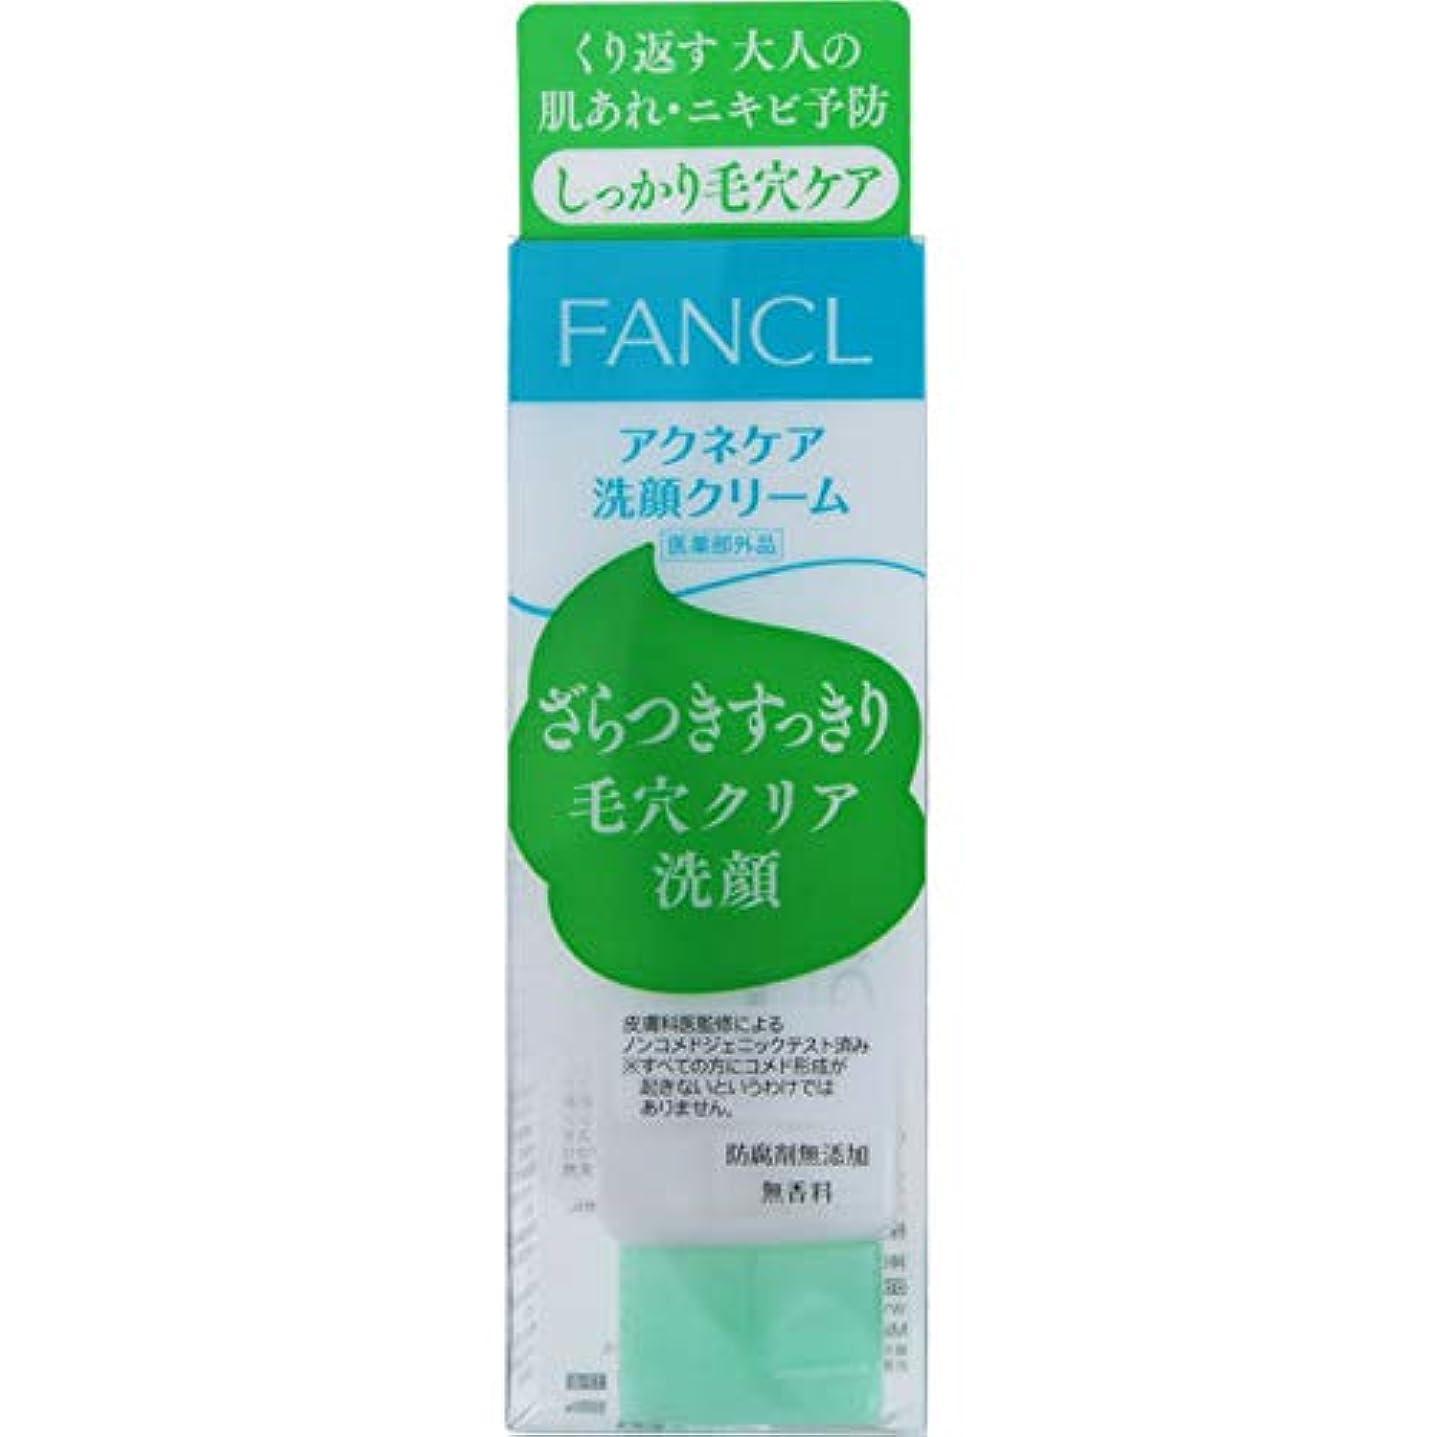 問題スプーングリーンバックファンケルアクネケア洗顔クリーム 90g